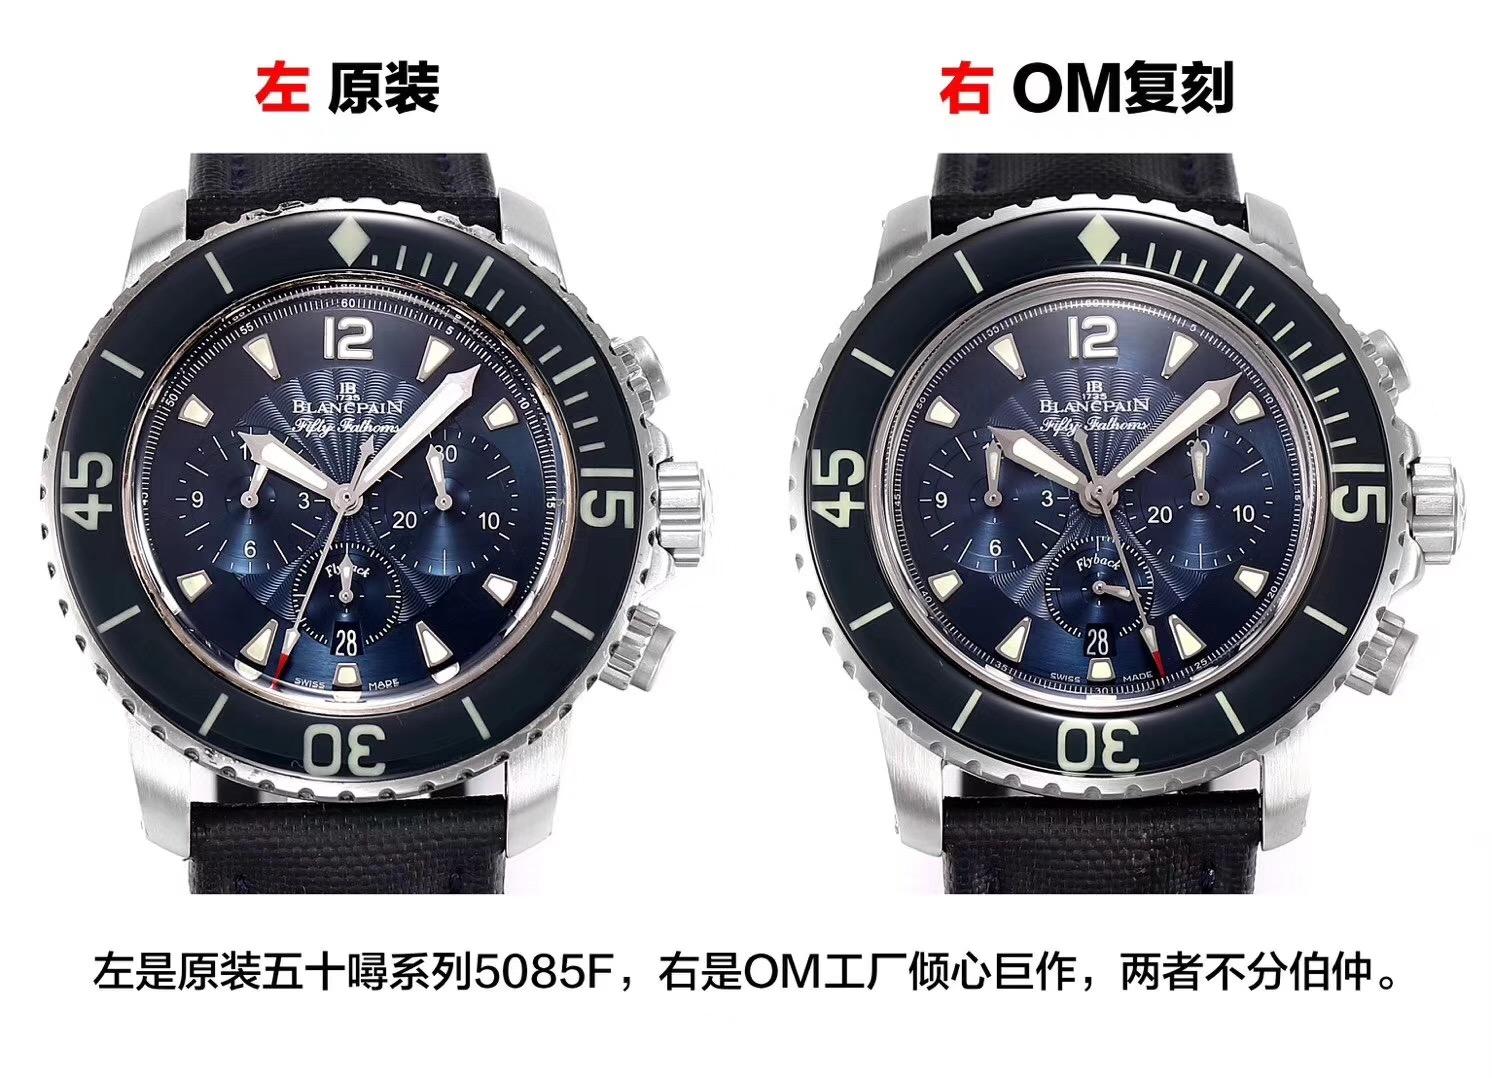 OM宝珀五十噚复刻表5085F铁血硬汉男士复刻手表